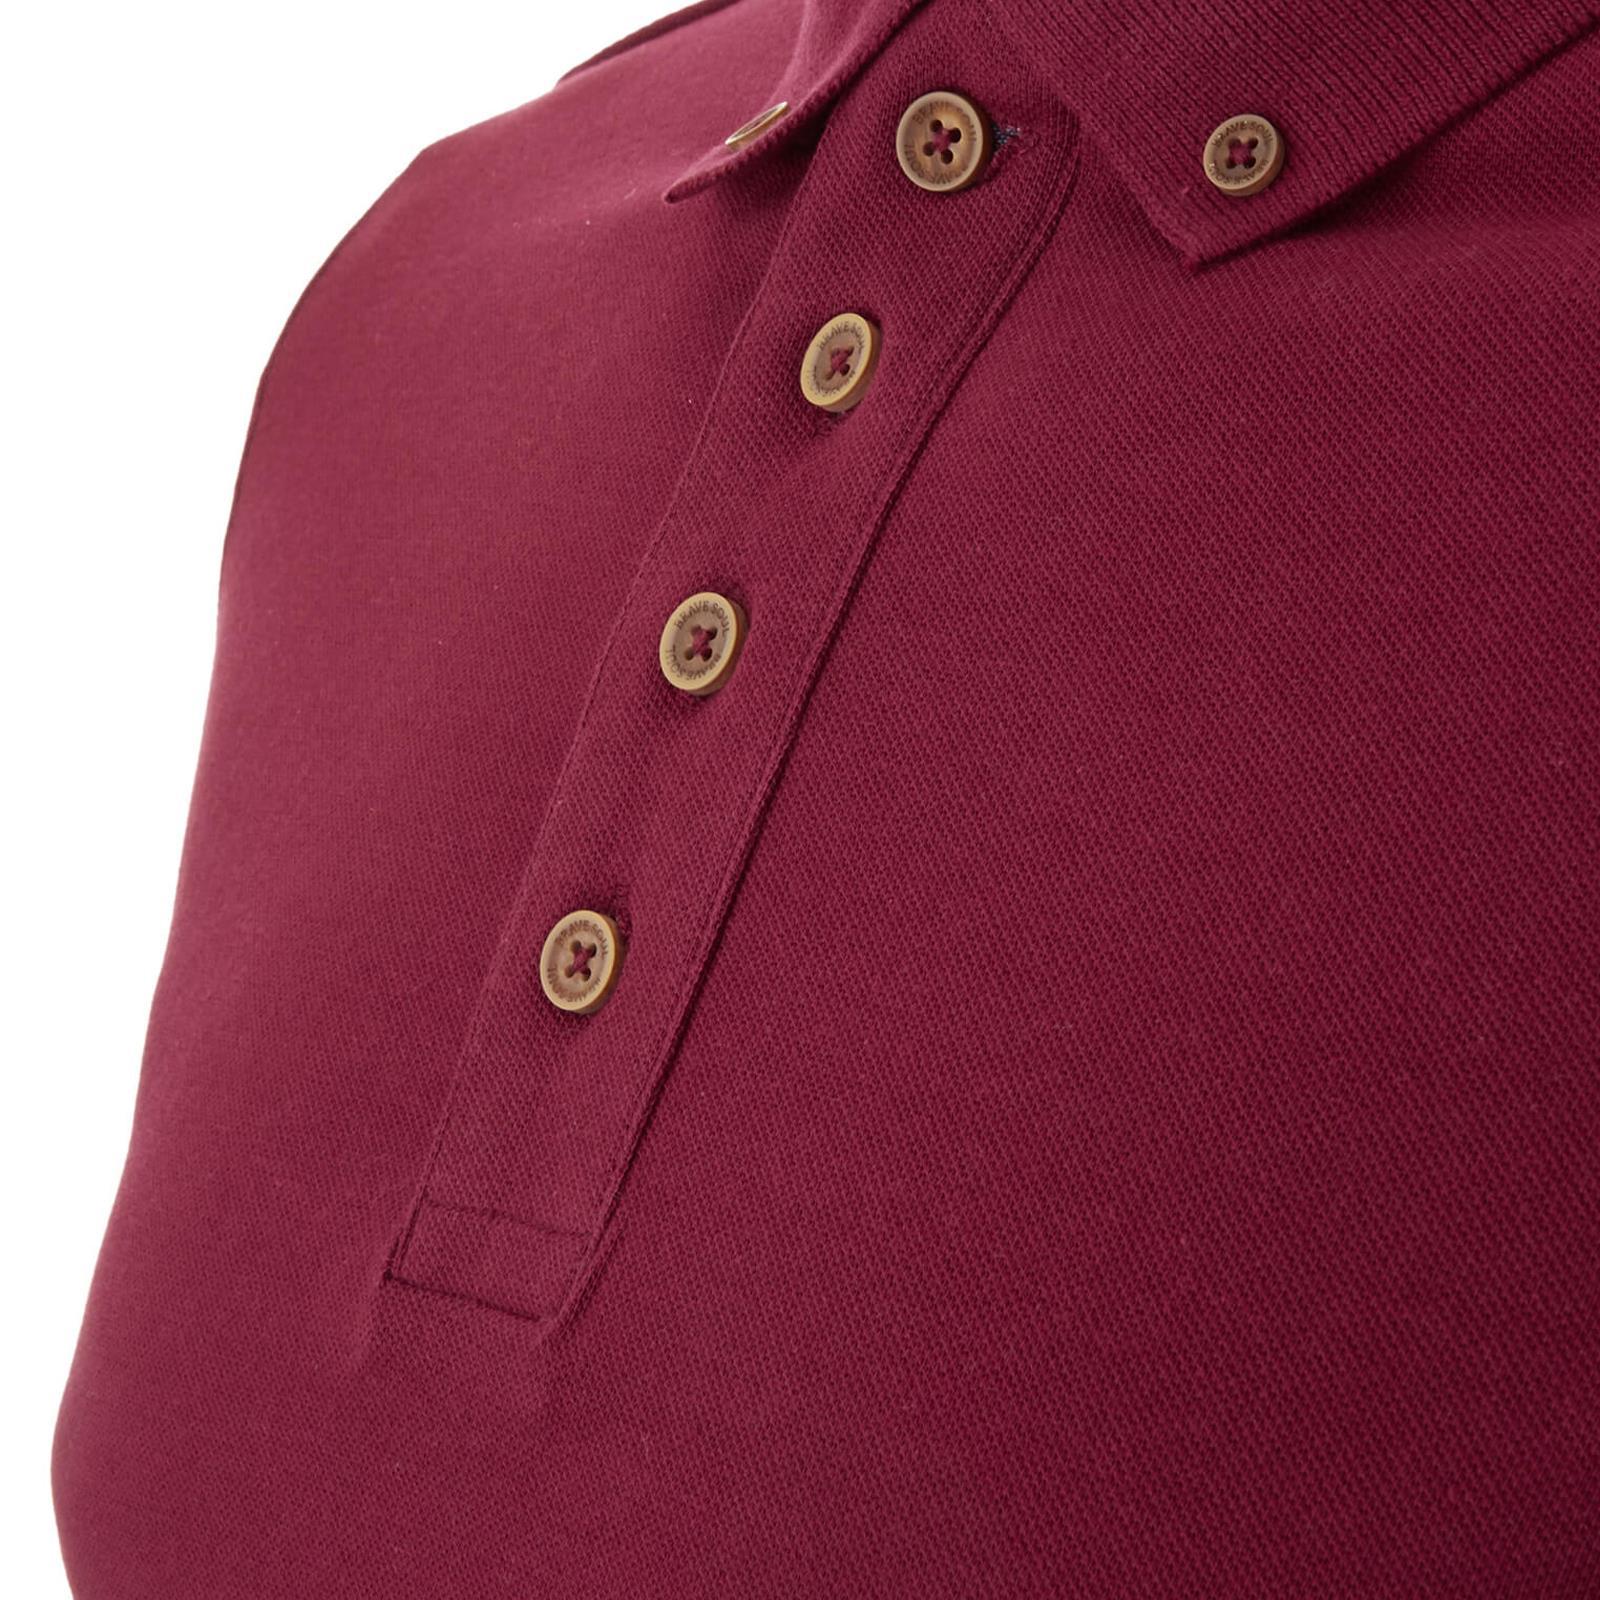 Homme-Polo-Brave-Soul-Lincoln-a-Manches-Longues-A-Col-Coton-Pique-Haut-Decontracte-Chemise miniature 25